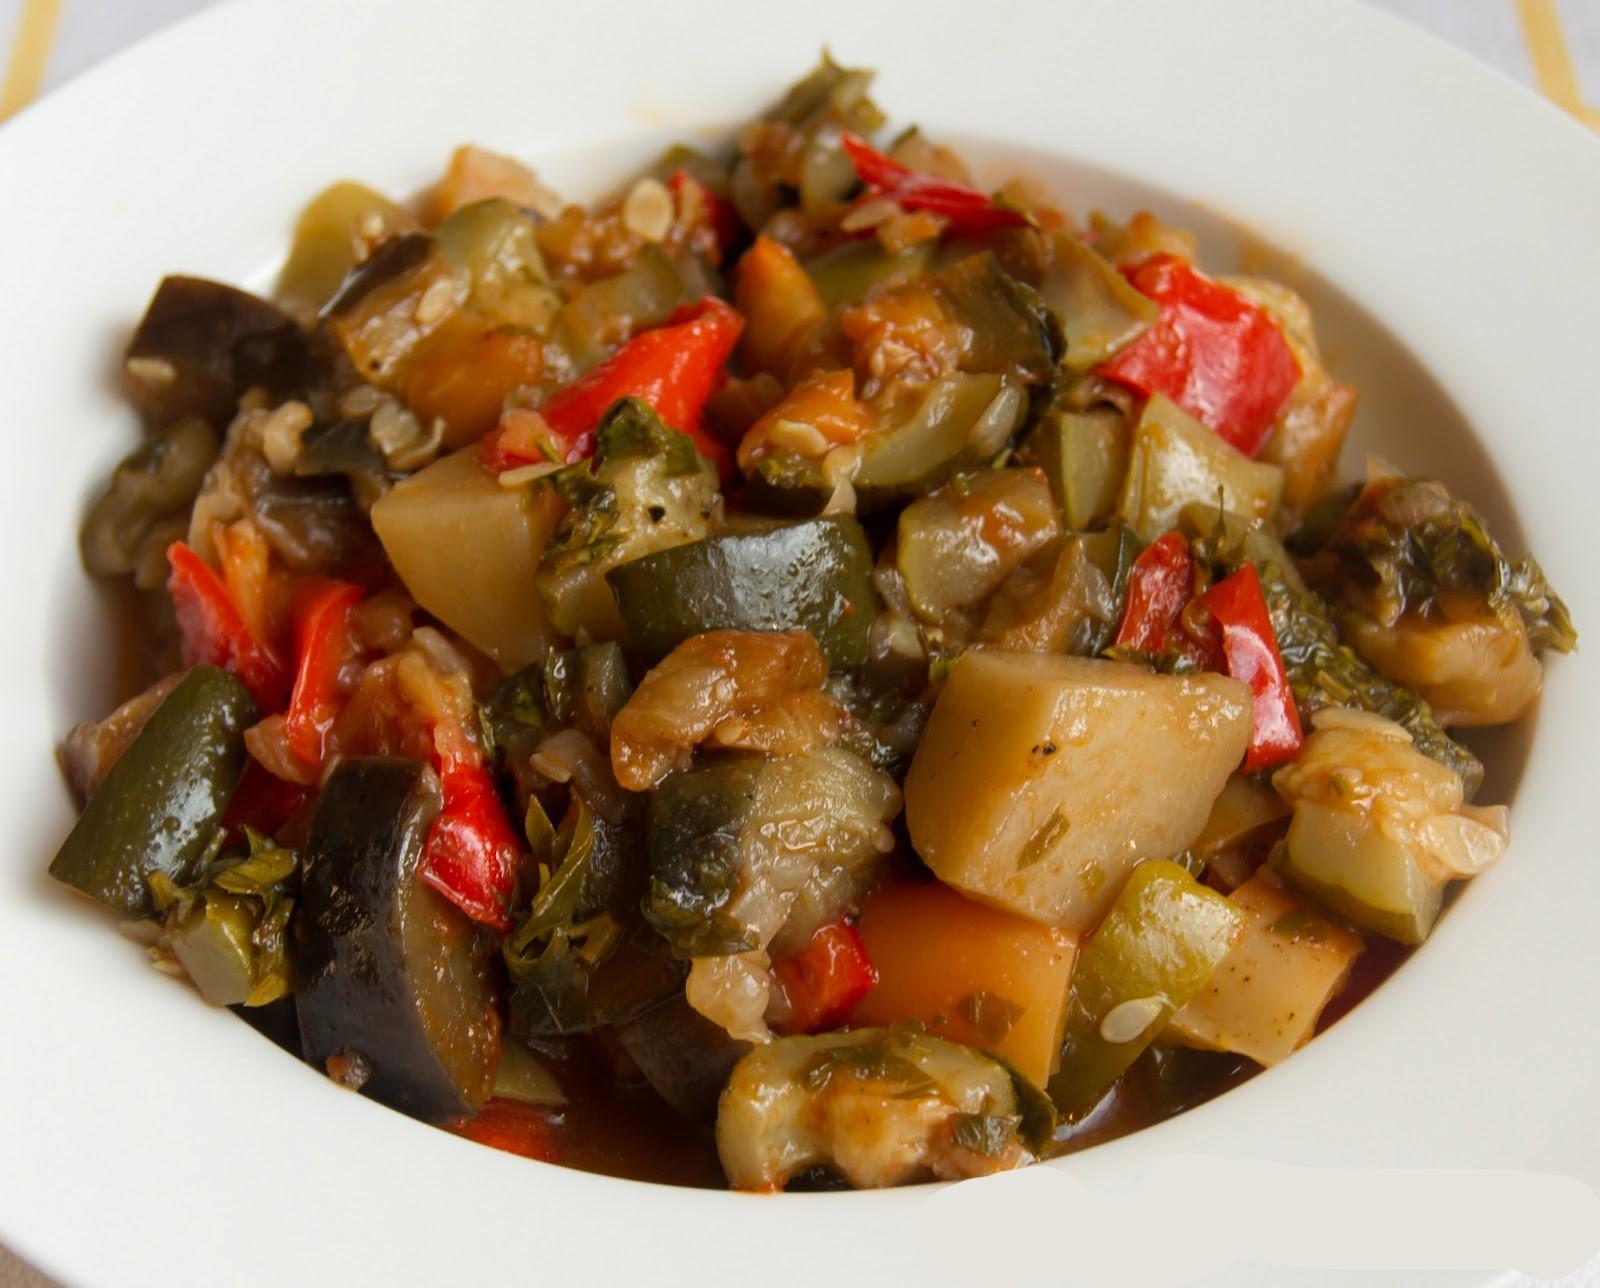 картошка с мясом и баклажанами тушеная